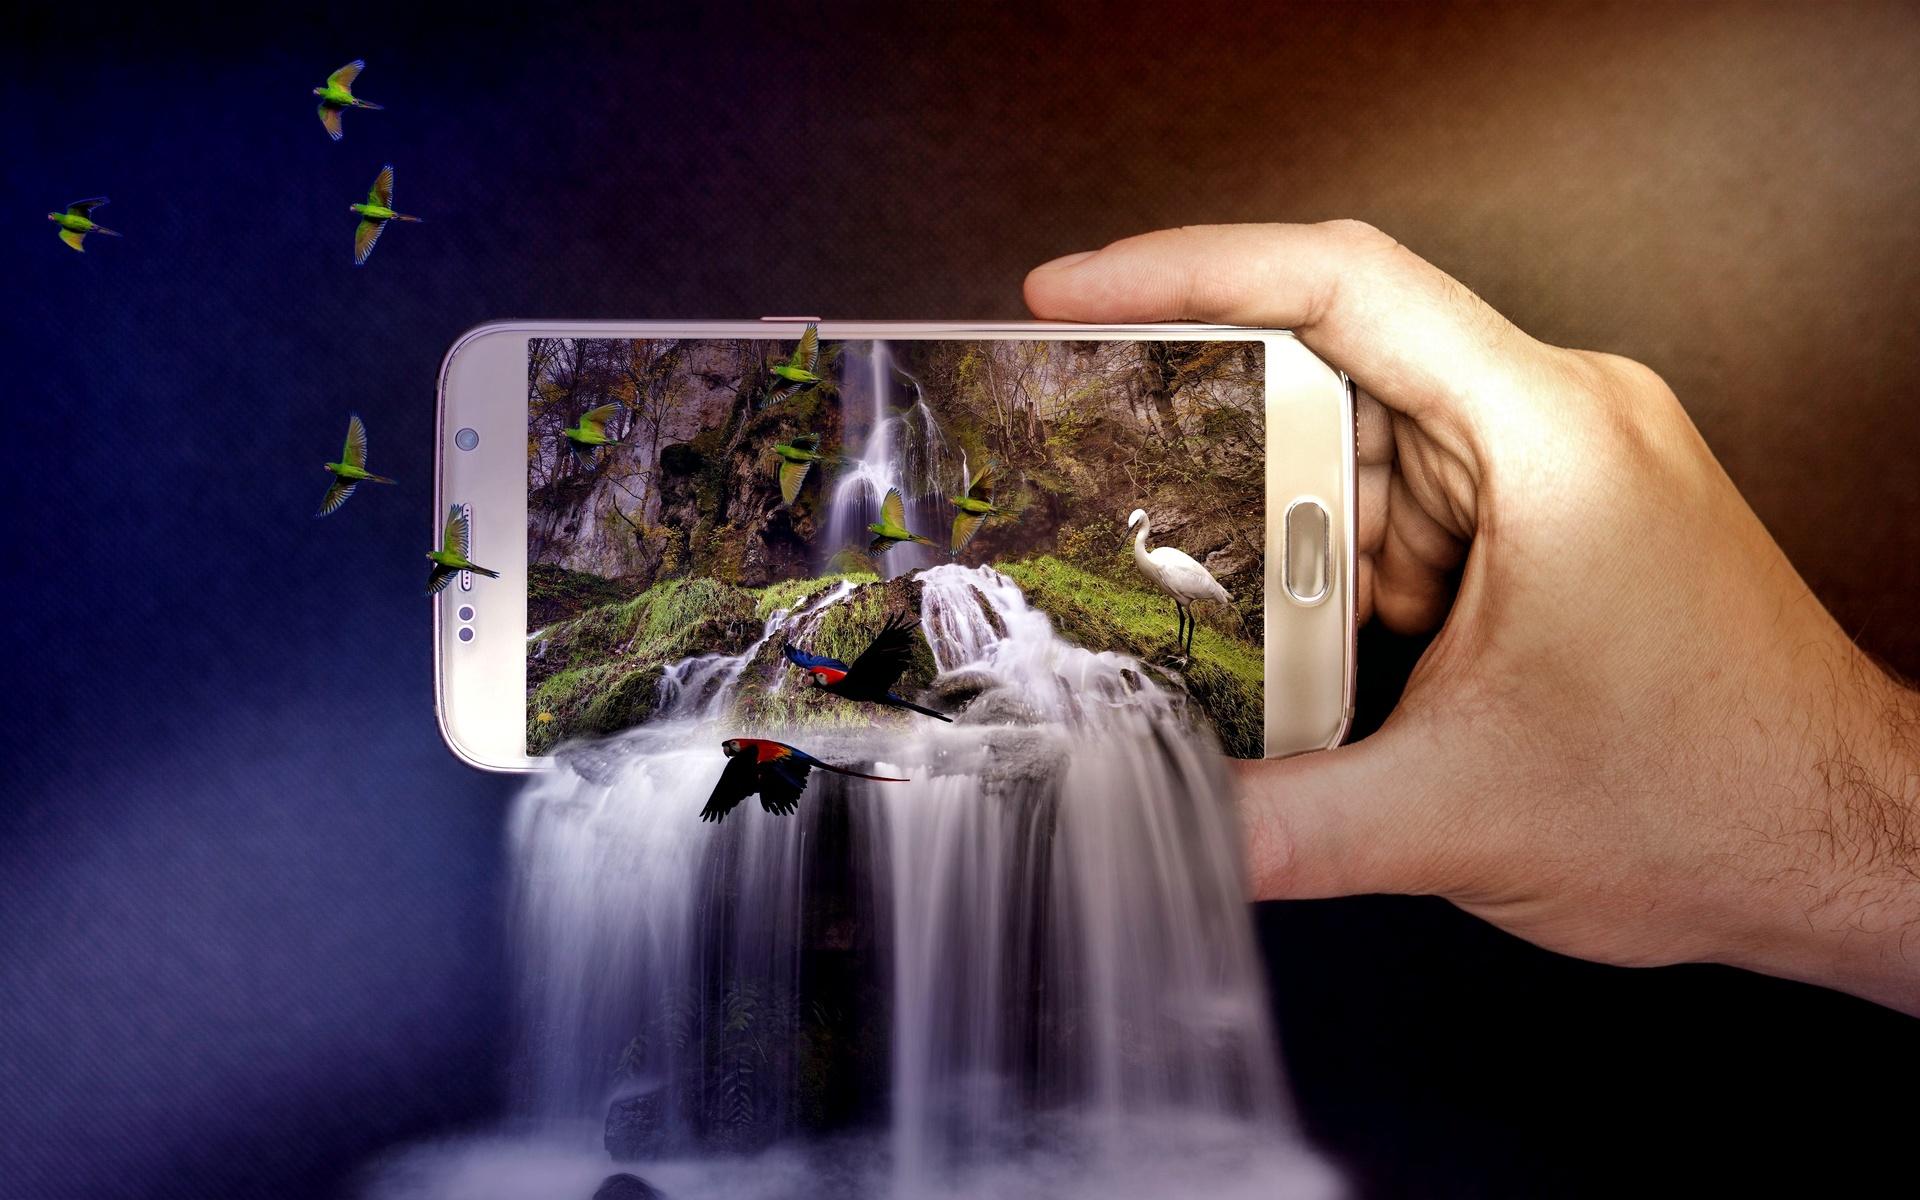 Картинка вылазит из экрана телефона